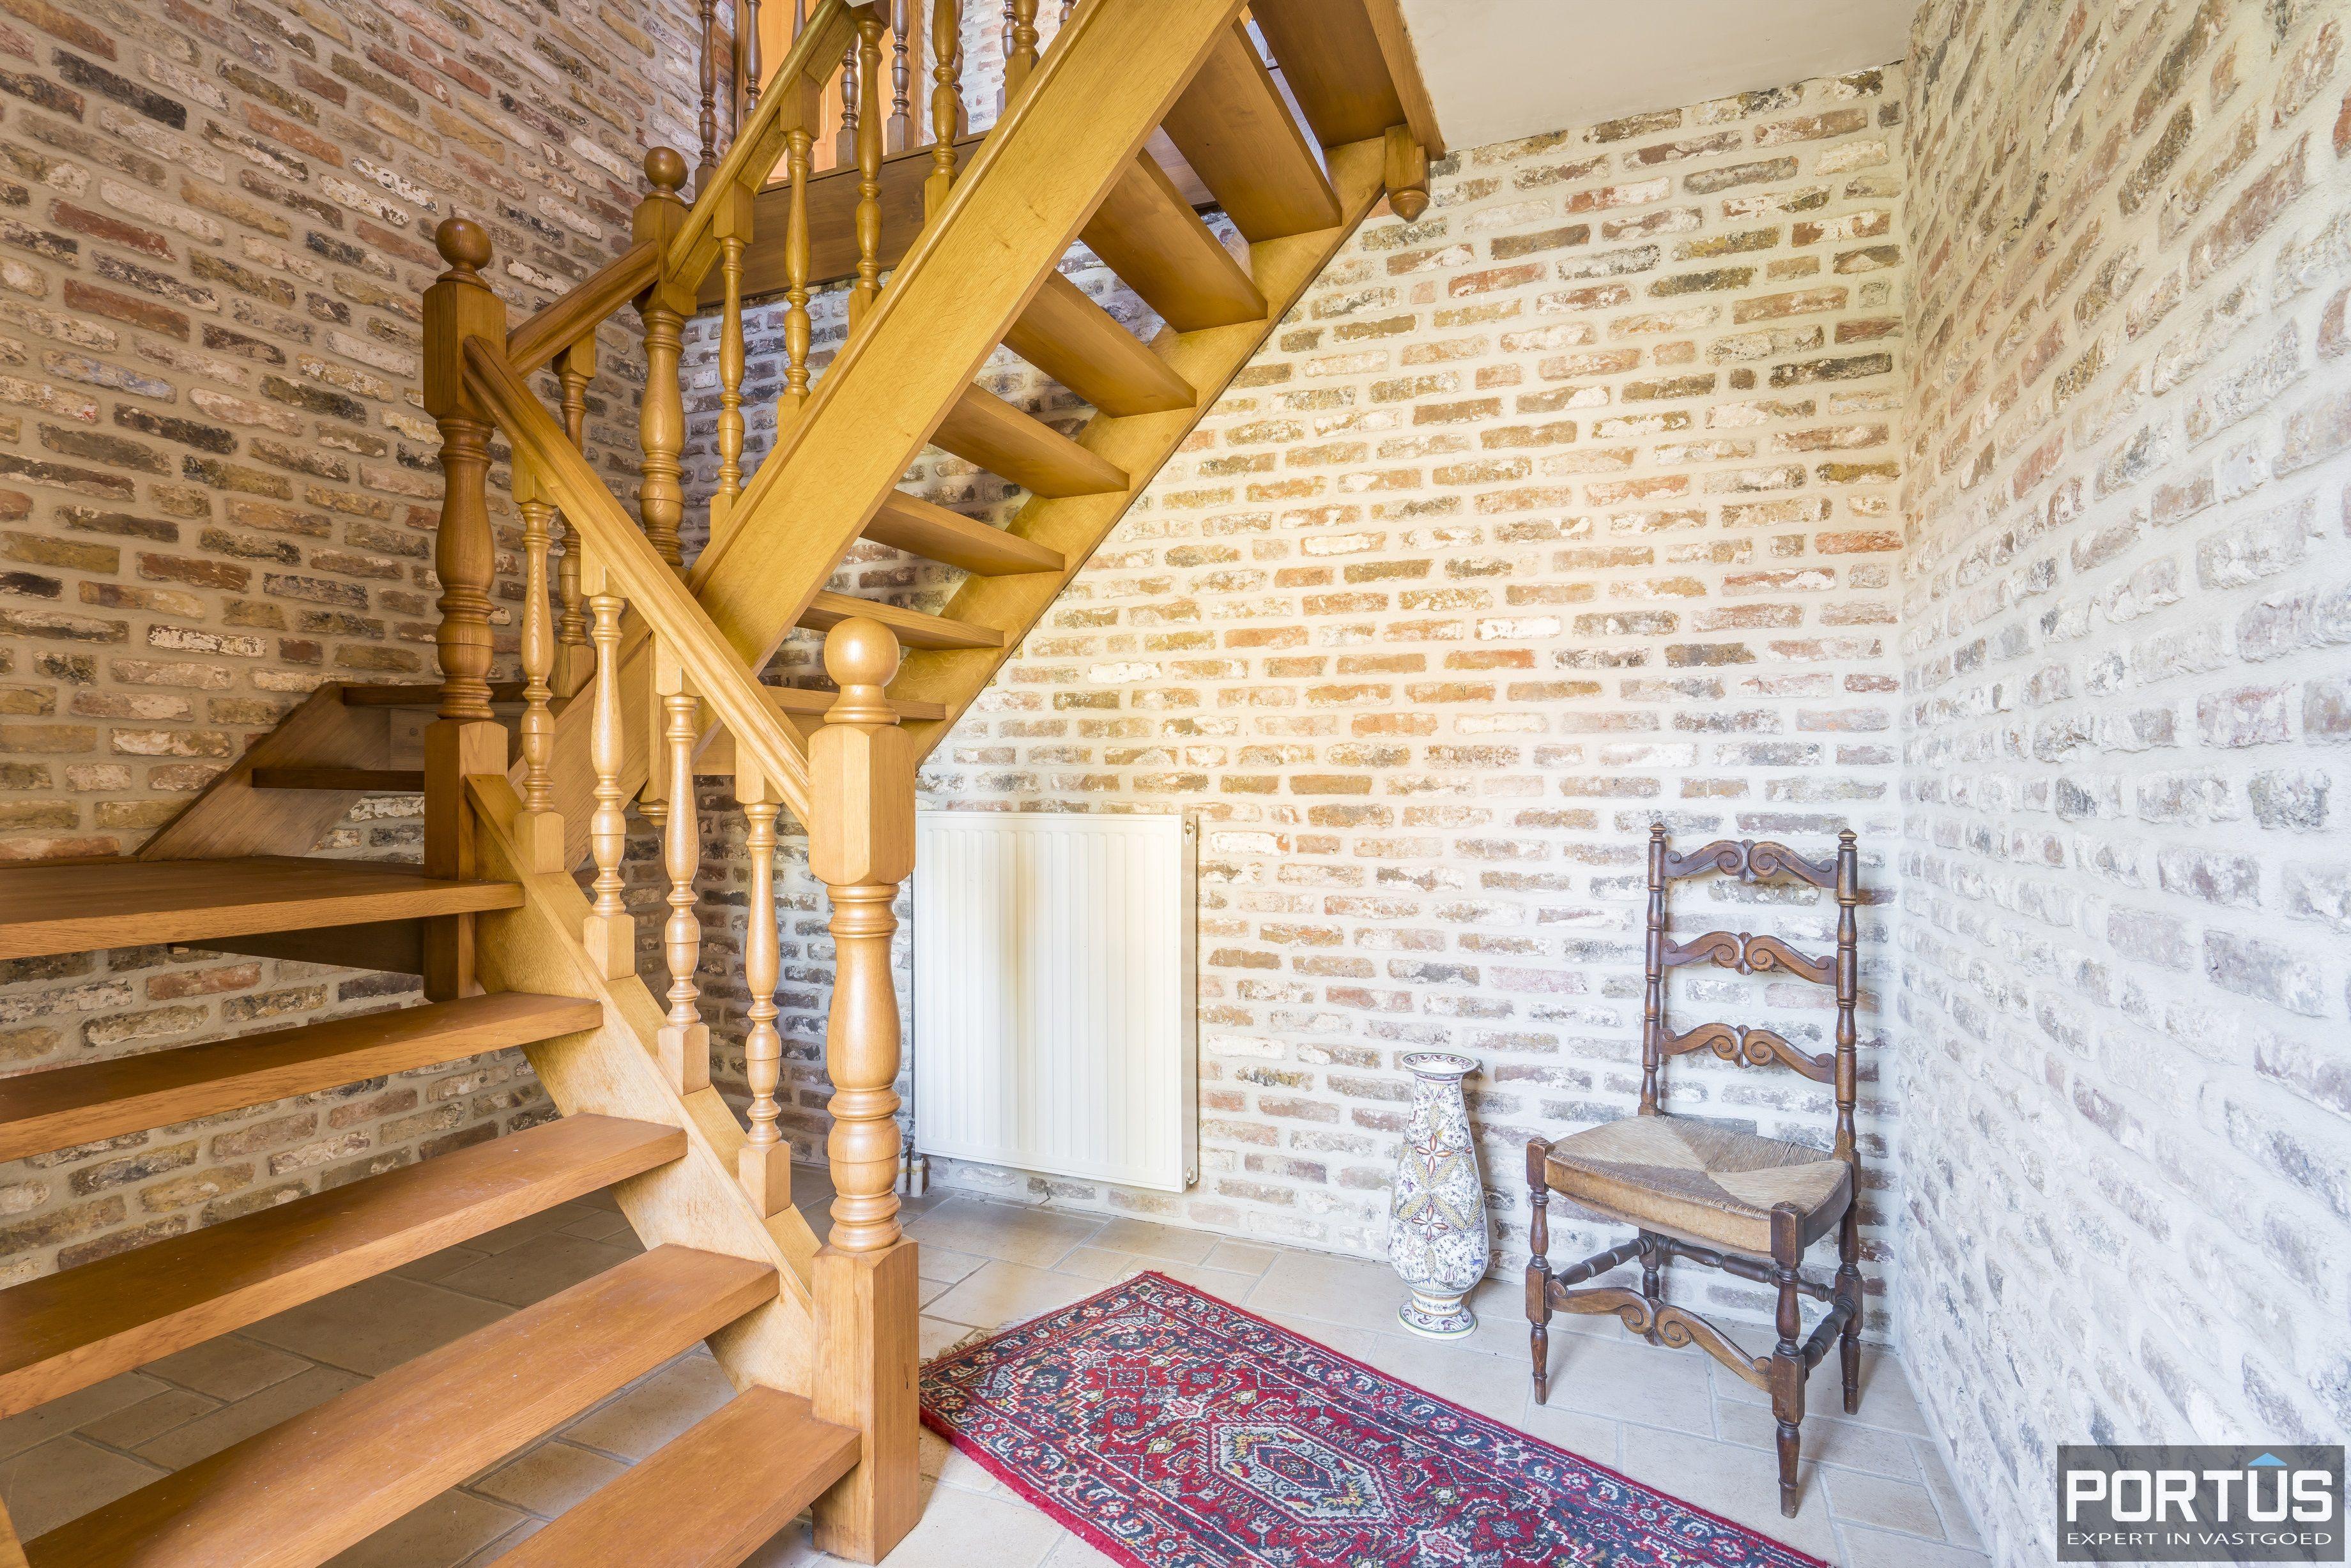 Woning te koop met 4 slaapkamers te Oostduinkerke - 13741